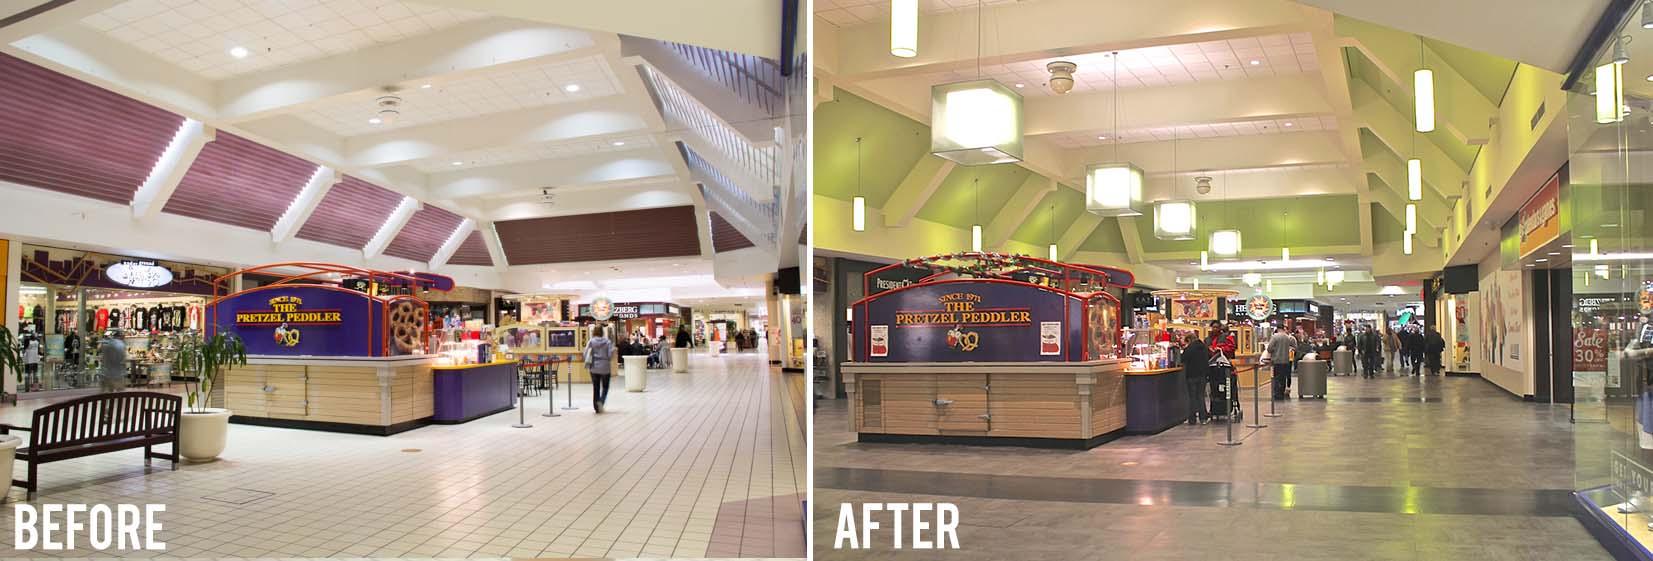 Before and After-Pretzel Peddler2